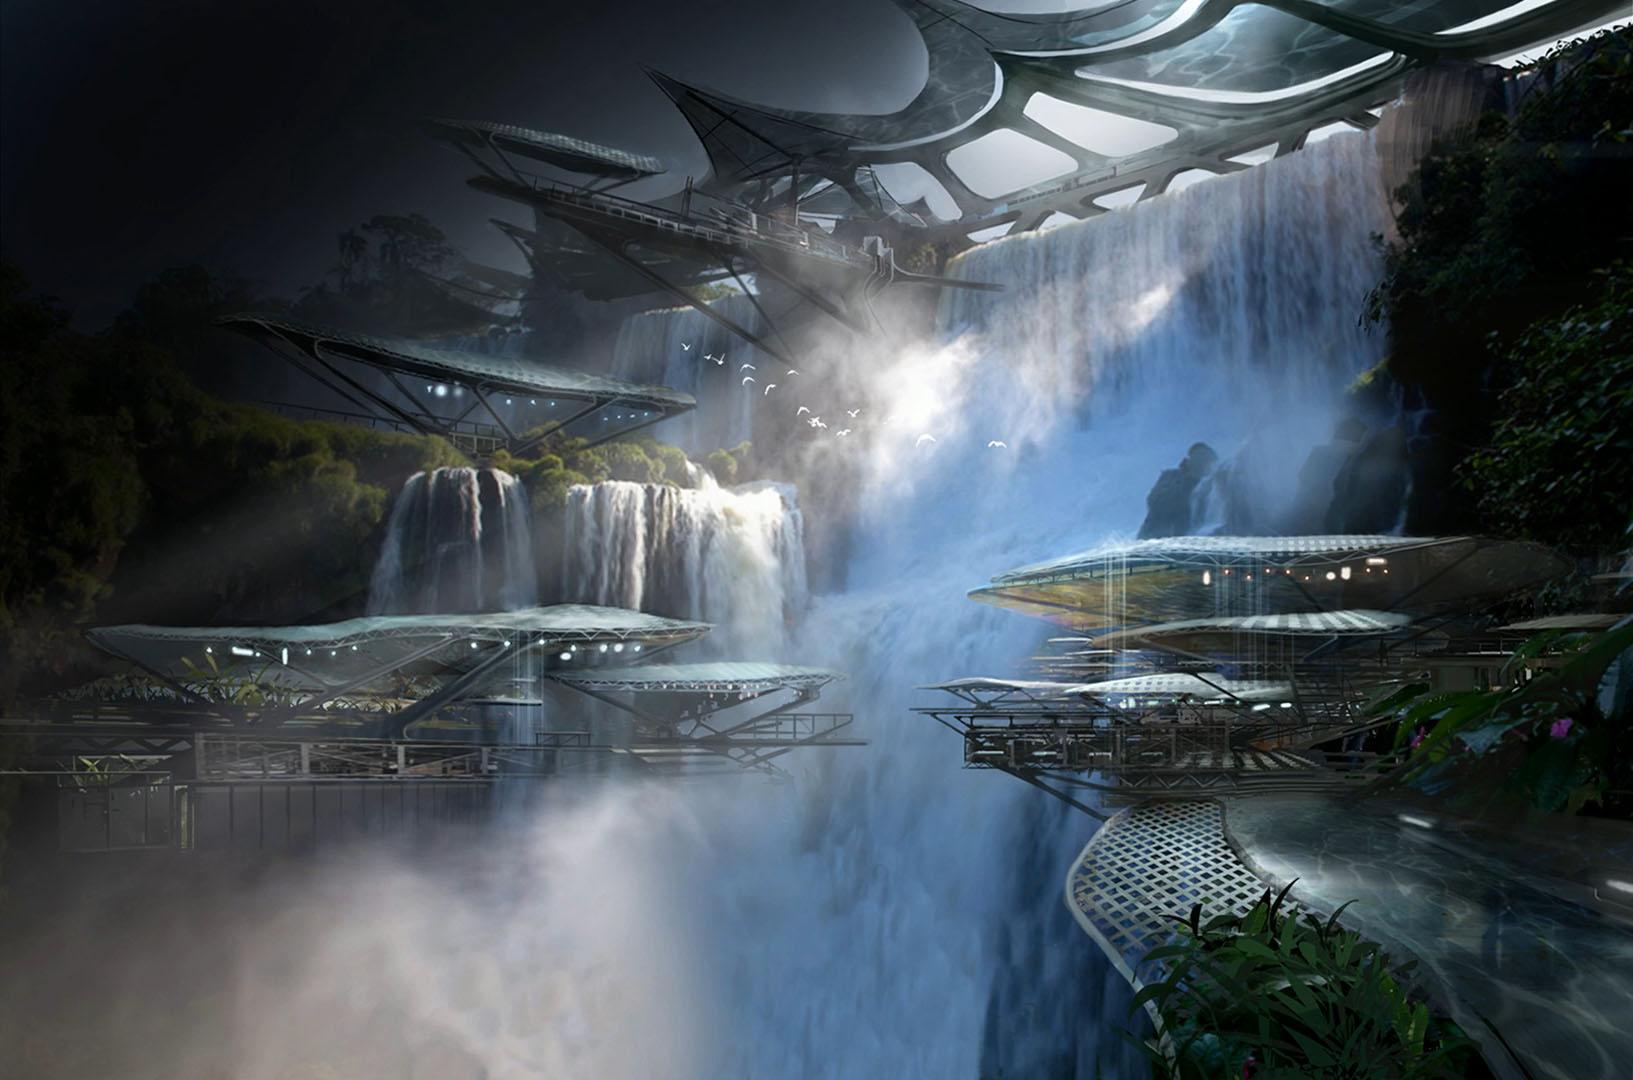 《仙女质量效应座》未v仙女版单机版游戏下载,天津到青岛沿途攻略由自驾图片